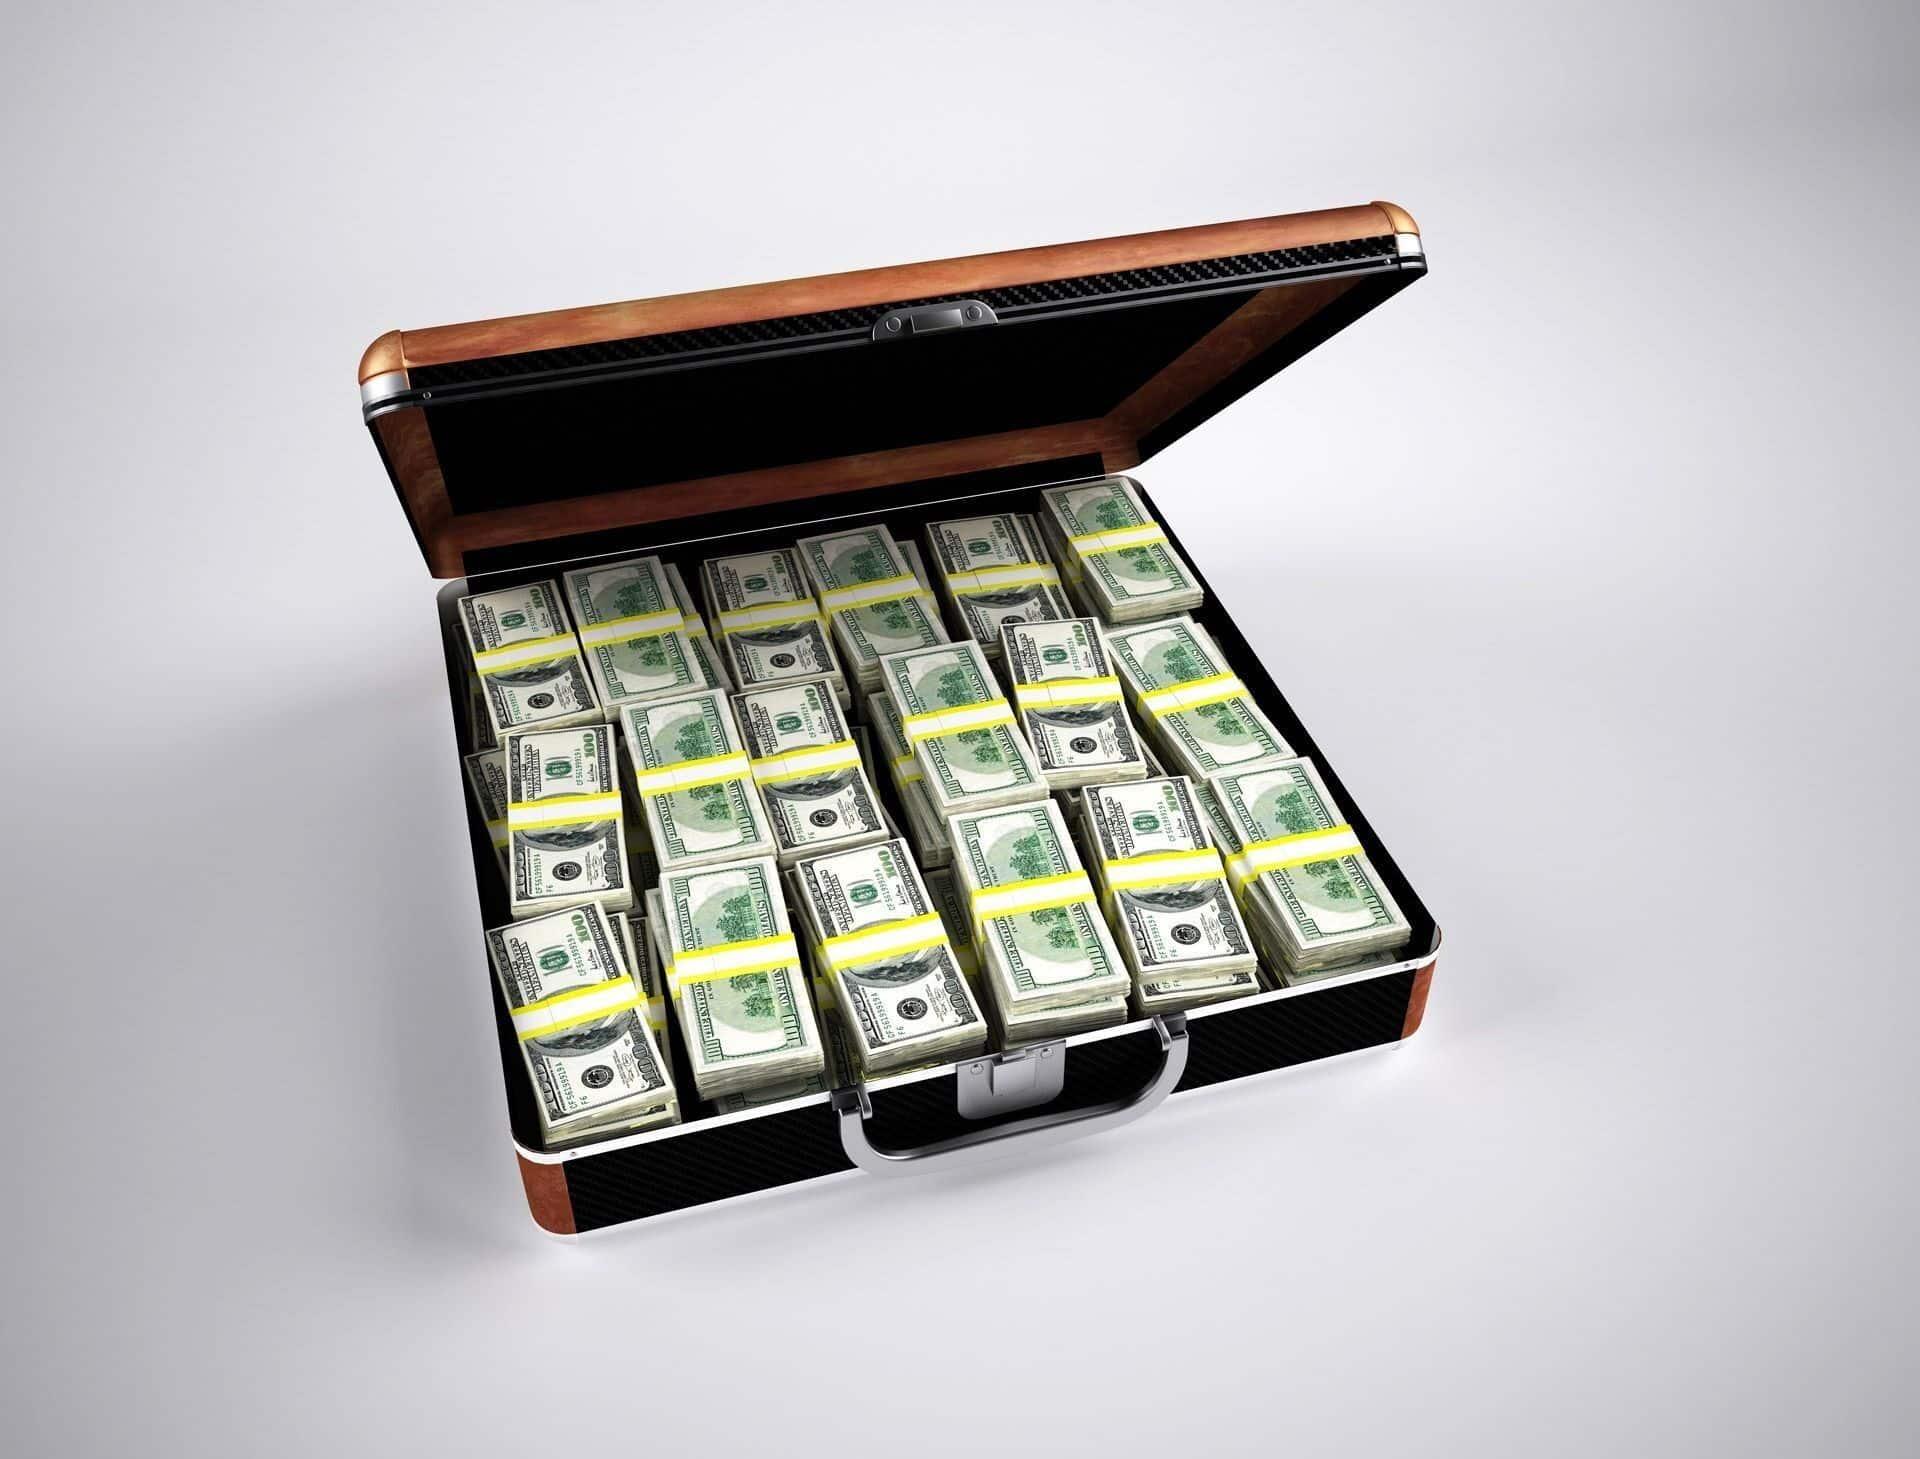 Ganhar dinheiro online – 11 dicas para turbinar seus ganhos